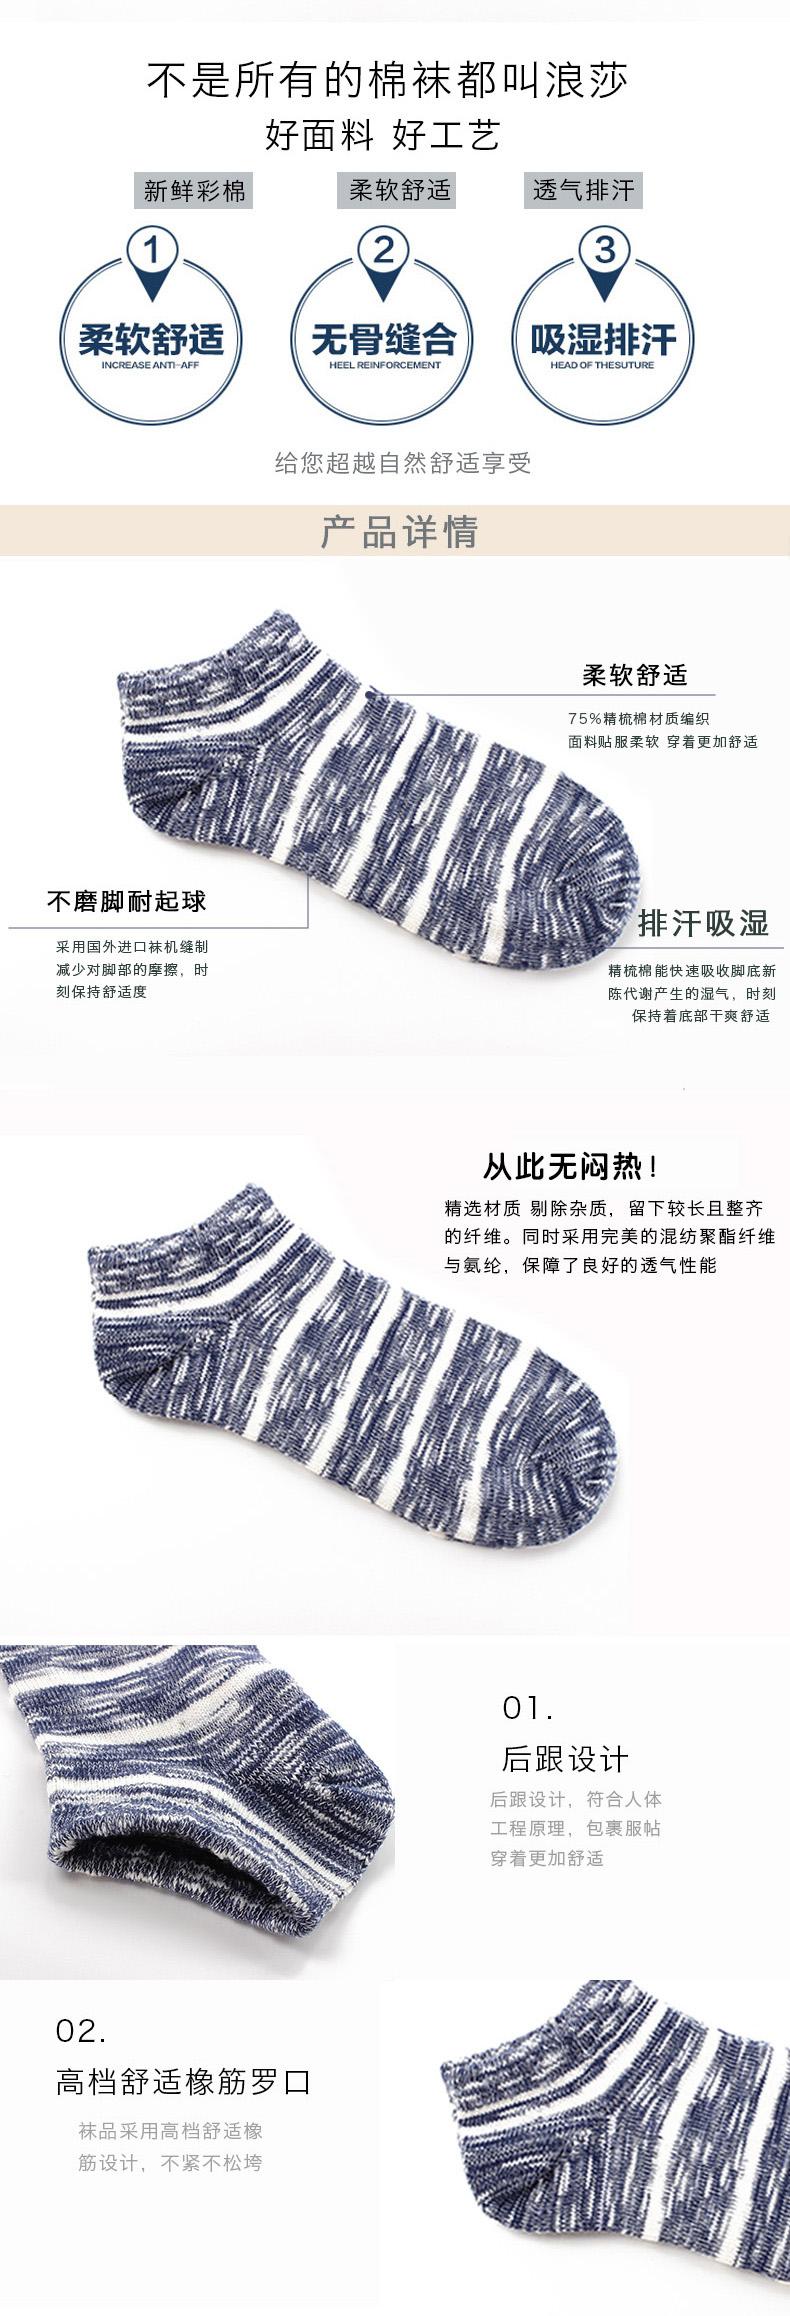 4双装浪莎男士夏季低帮浅口船袜条纹运动棉袜薄款透气短筒袜子日系潮流棉袜新品